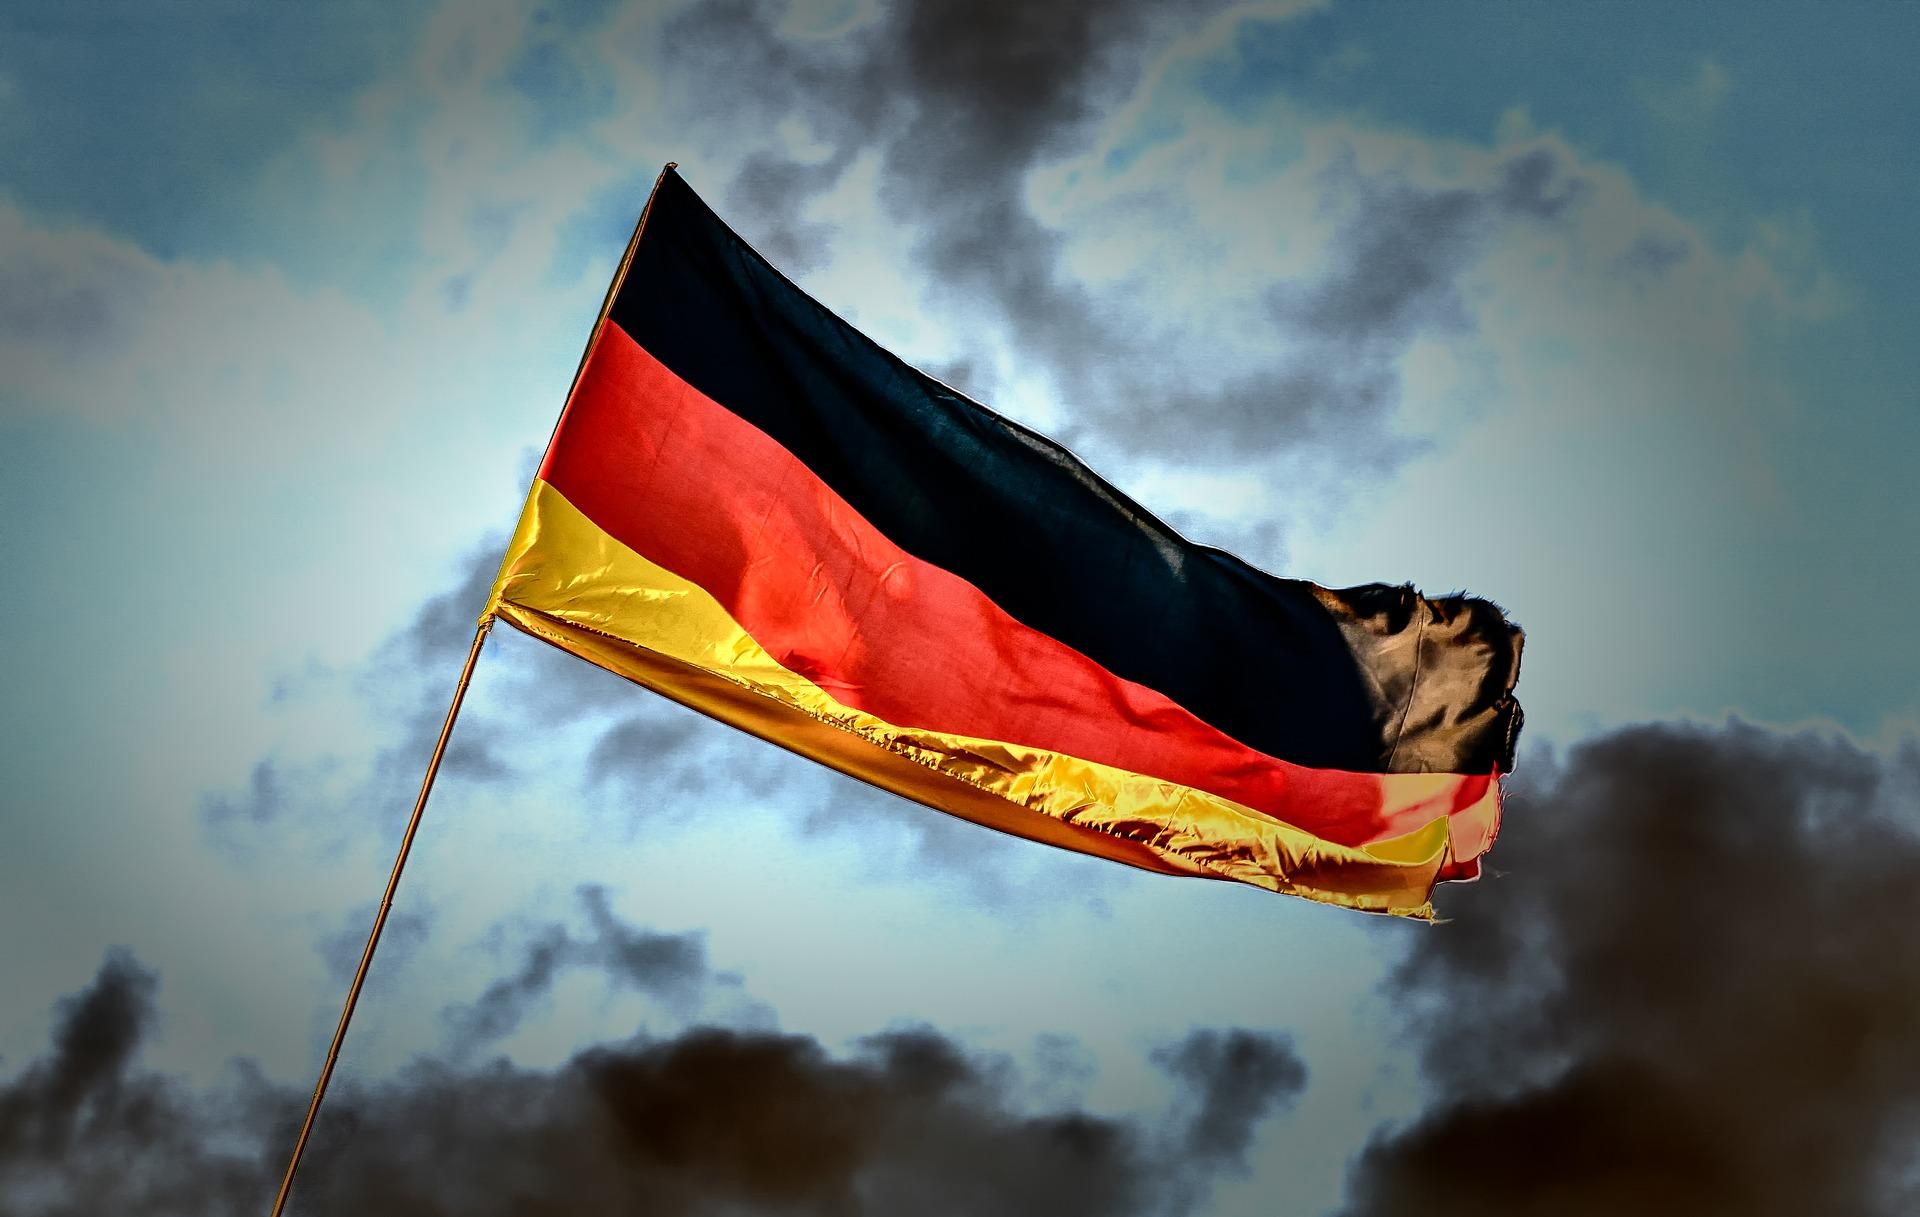 """DALL'EUROPEAN DATA PROTECTION BOARD: Il DPA Bavarese (BayLDA) Chiede Alla Società Tedesca Di Cessare L'uso Dello Strumento """"Mailchimp"""""""